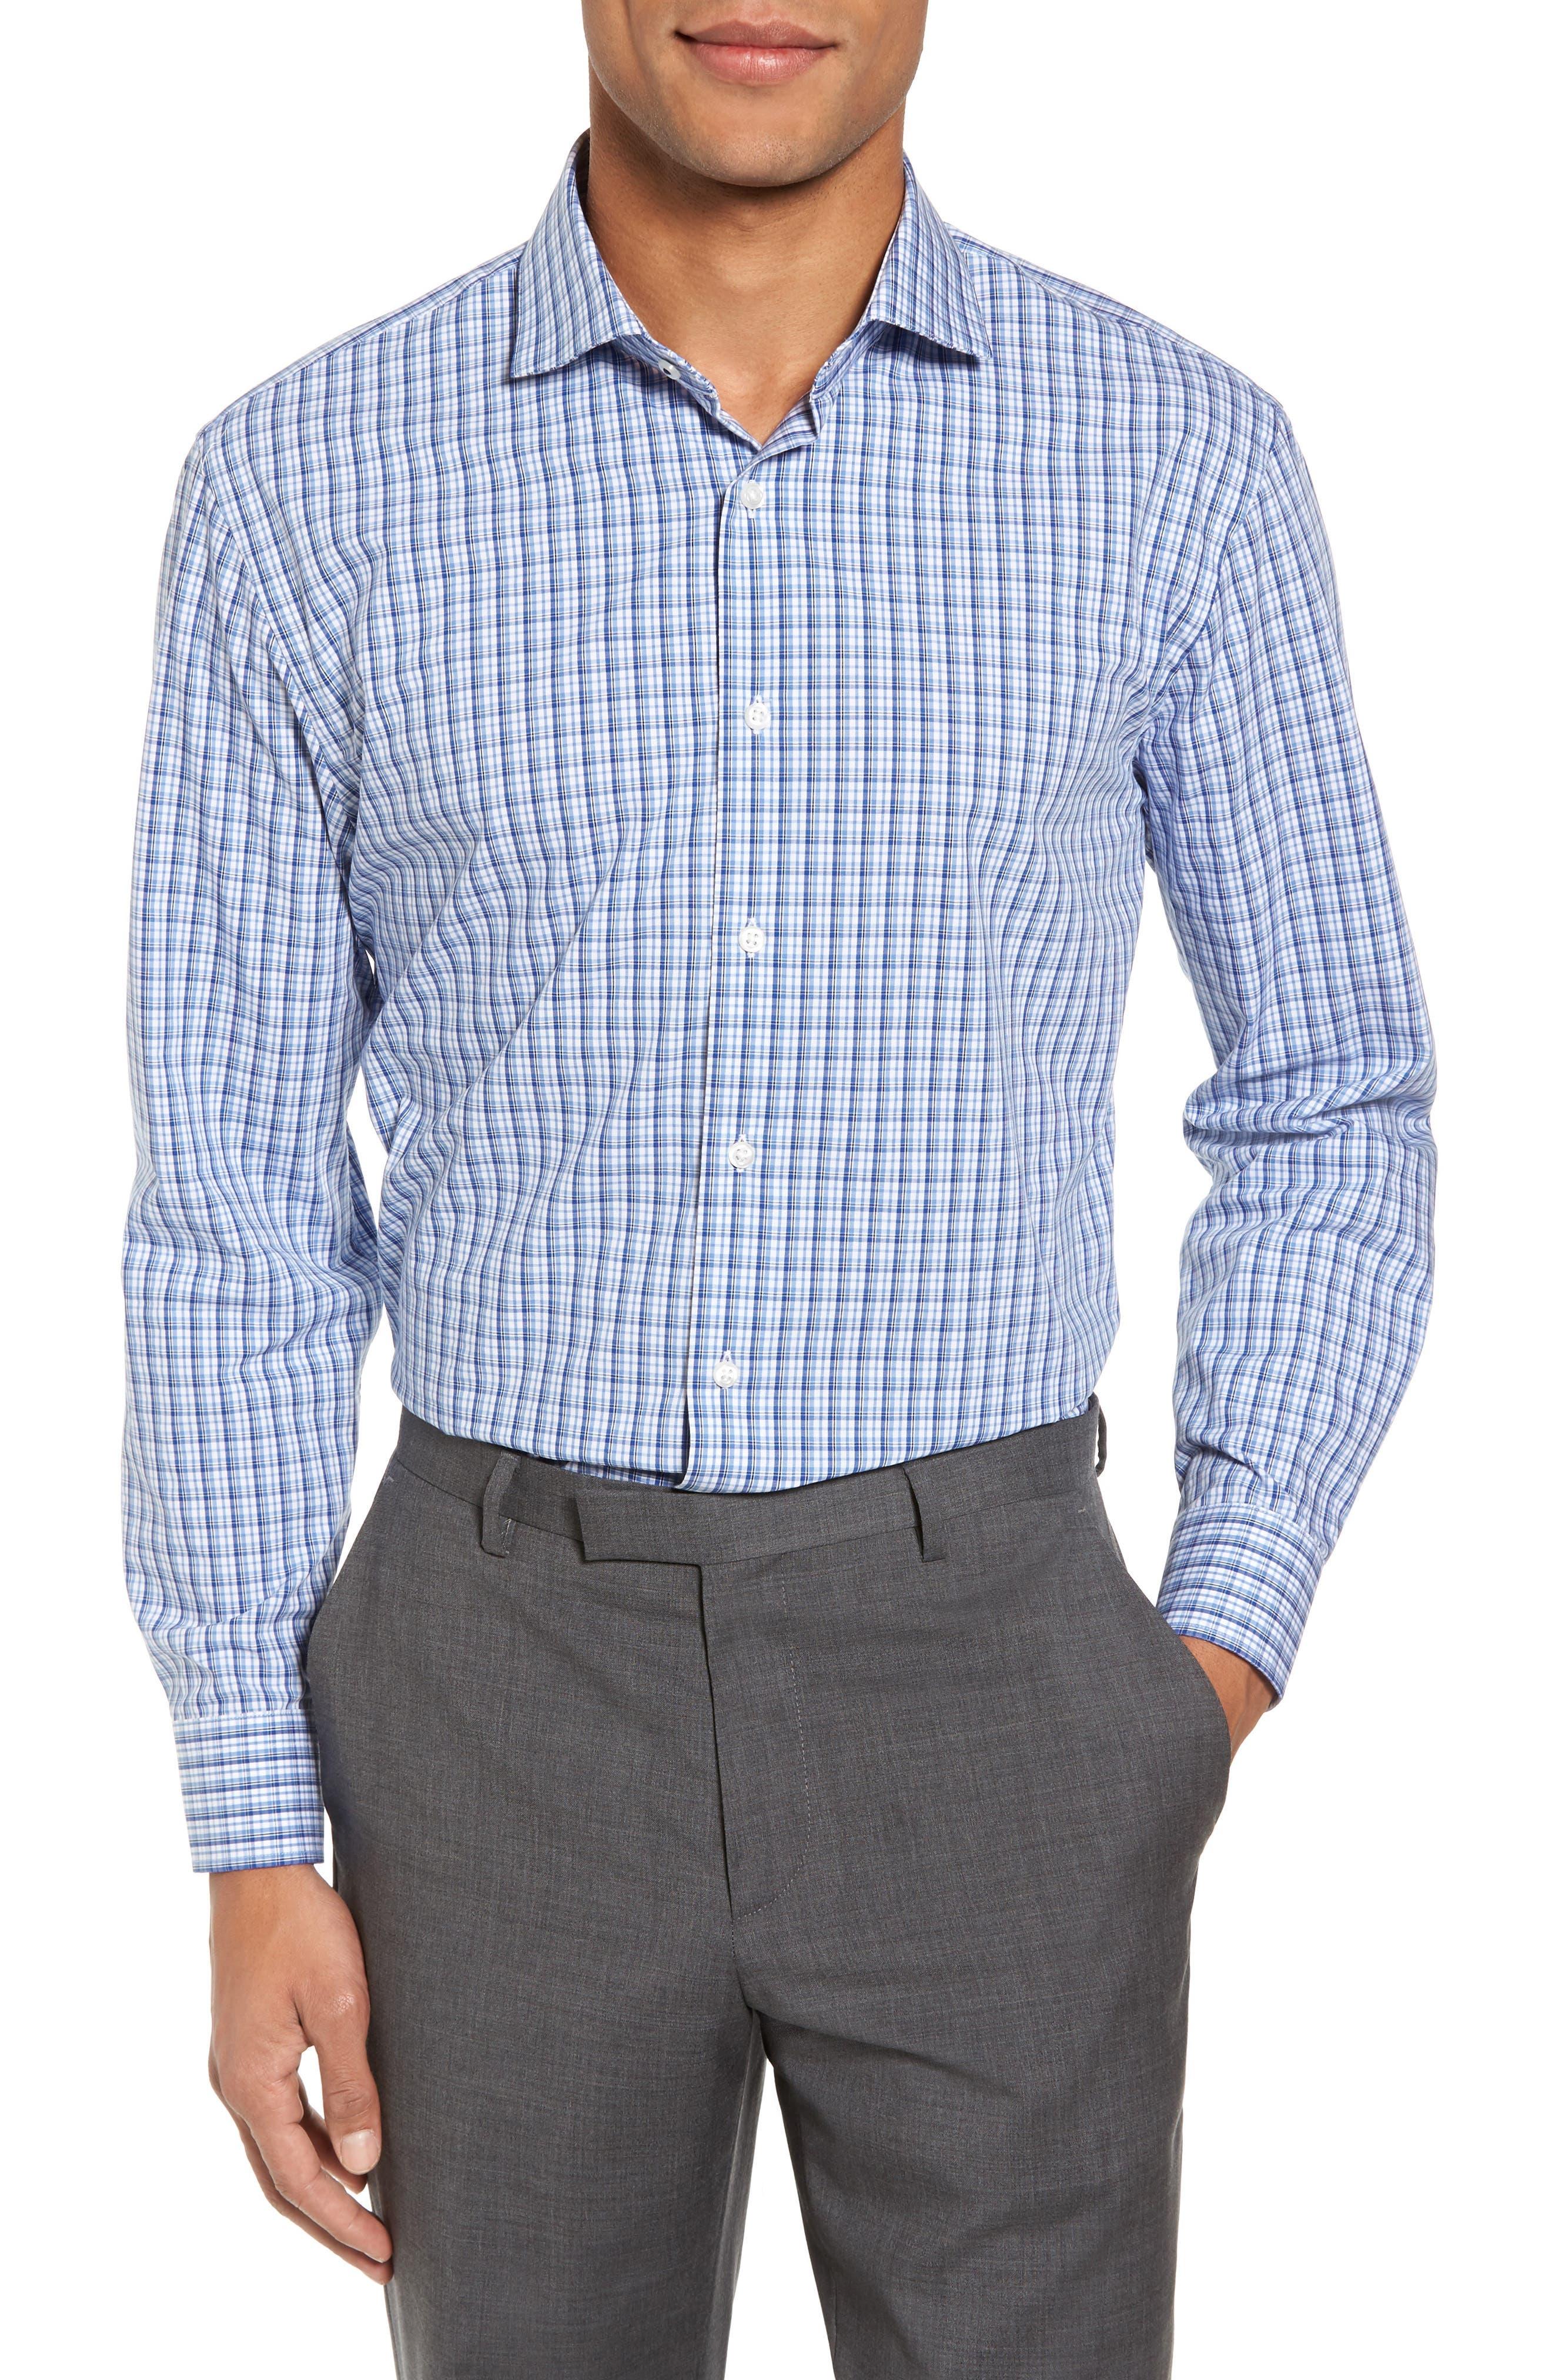 Main Image - Nordstrom Men's Shop Tech-Smart Trim Fit Stretch Plaid Dress Shirt